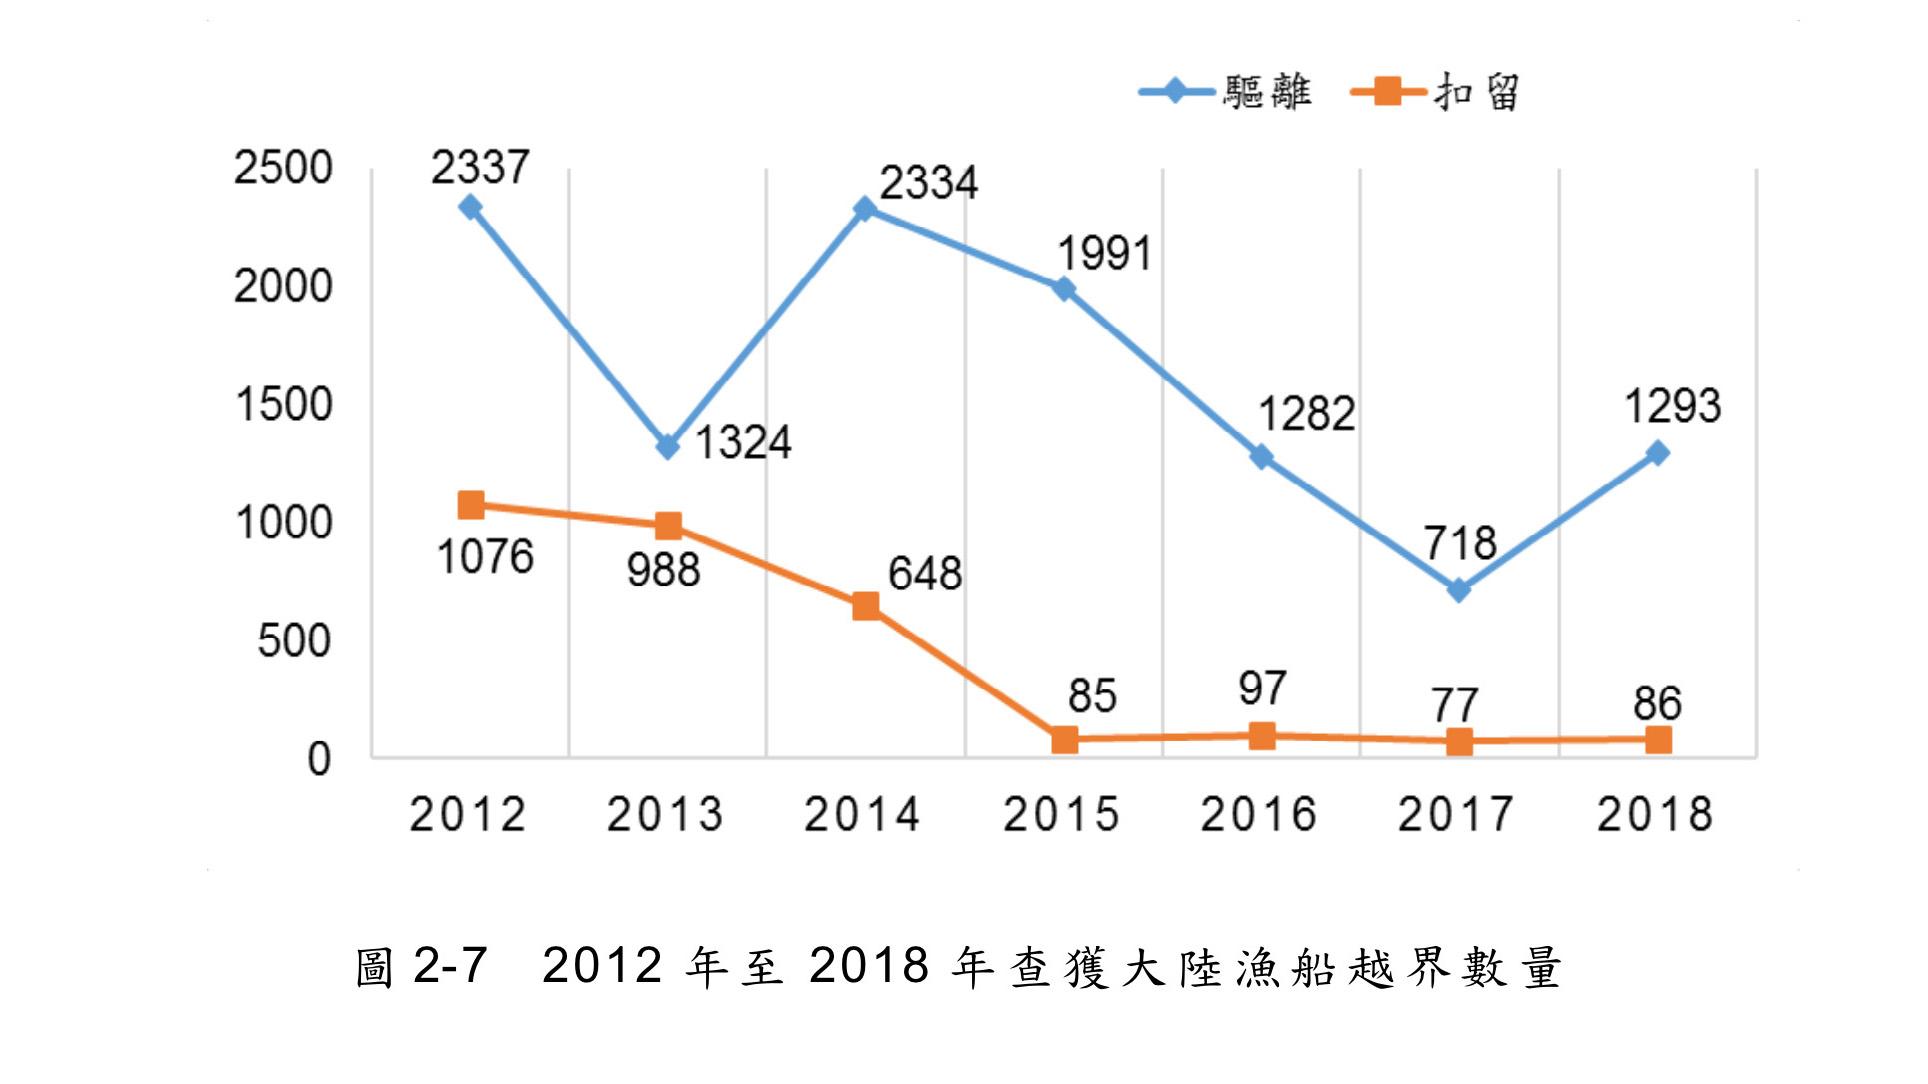 大陆渔船越界台湾海域虽逐年下降,数量仍旧相当庞大。